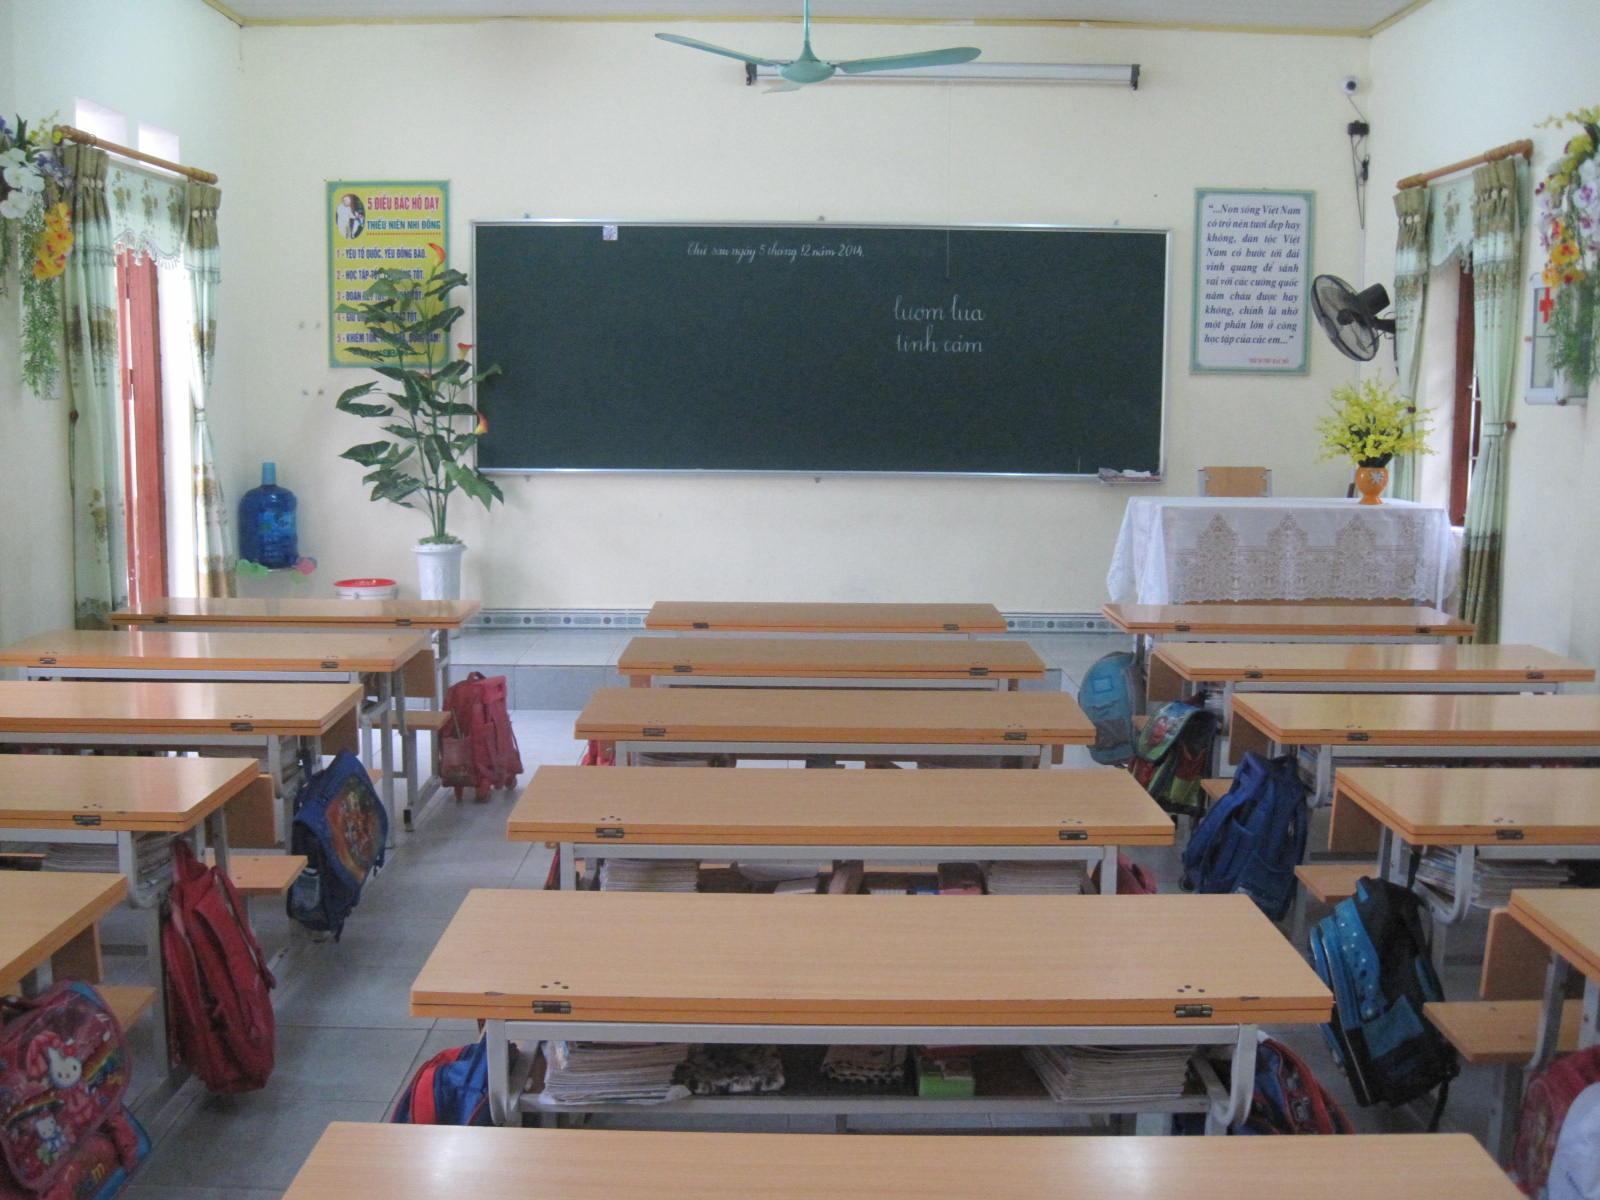 Ghế Liền Bàn Học Sinh Sản Phẩm Nội Thất Đa Năng Tiện Nghi Khi Sử Dụng